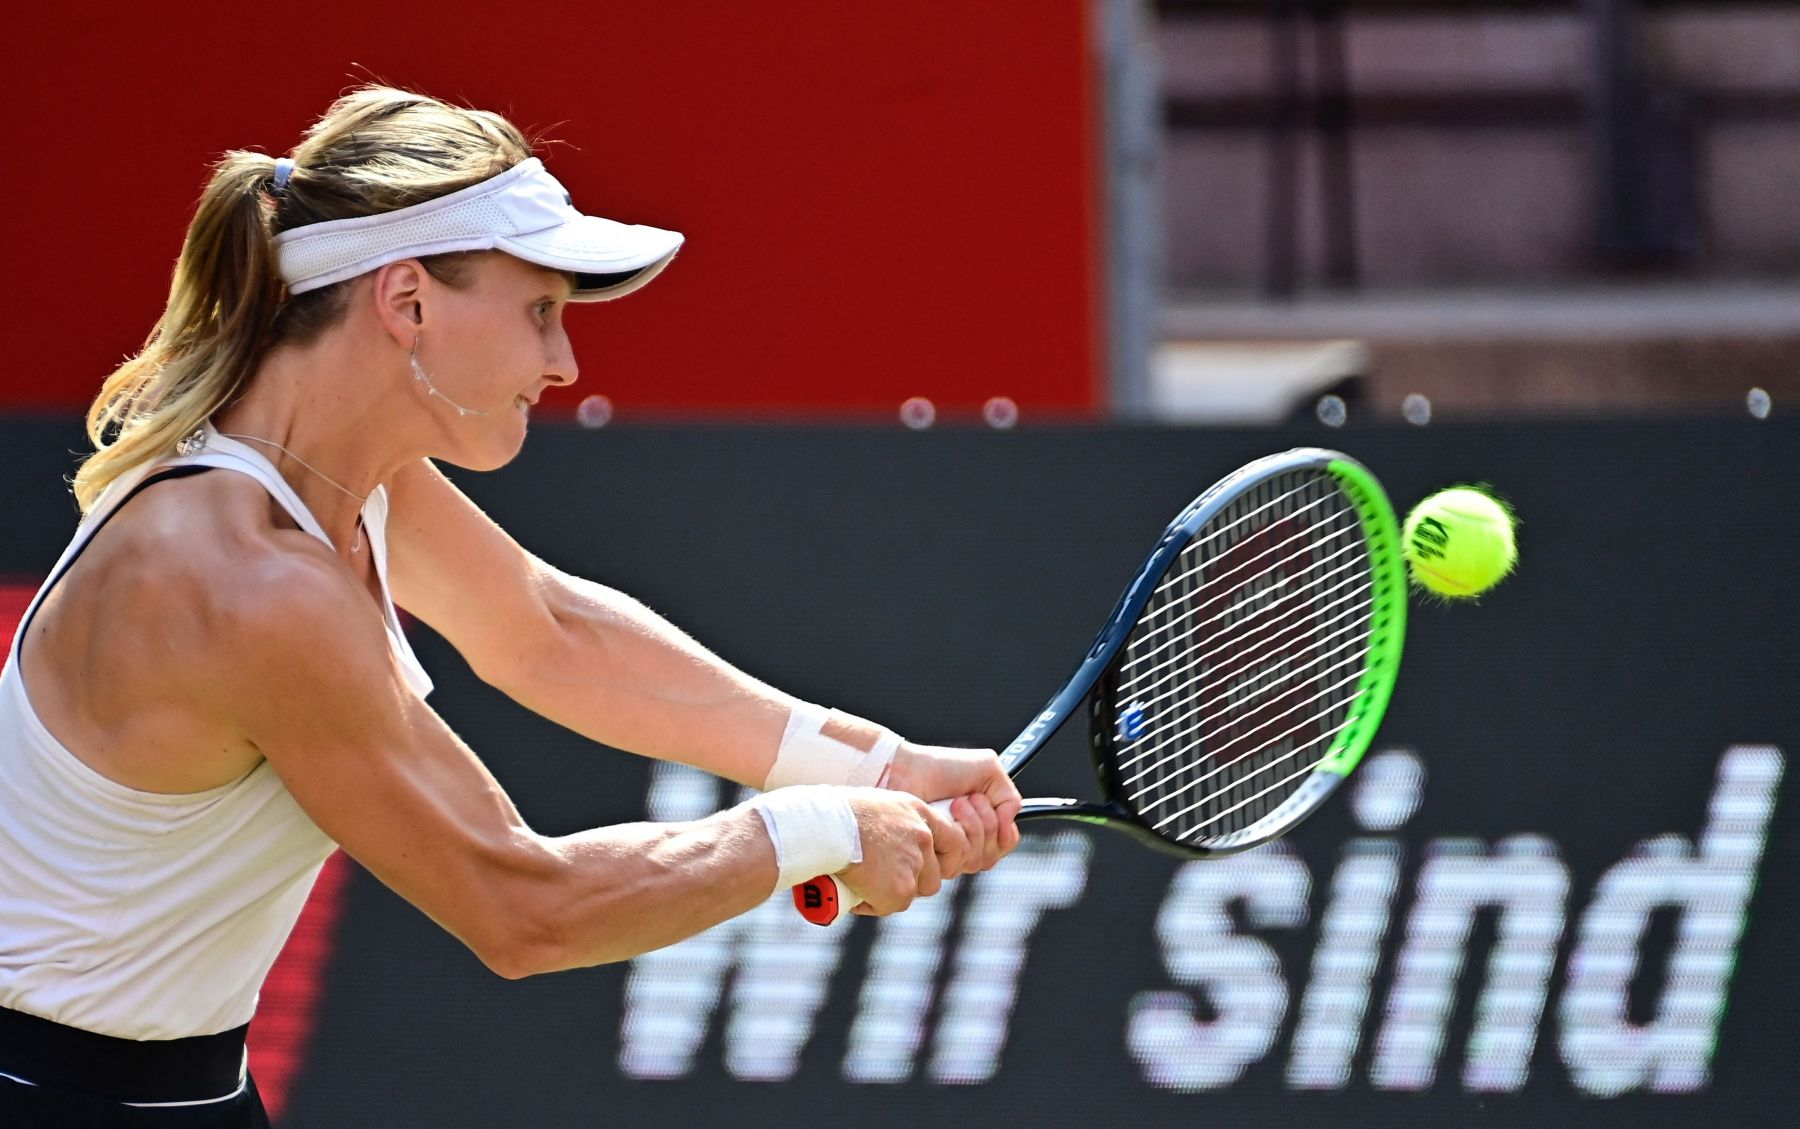 Wimbledon Championships 2021: Sloane Stephens vs. Liudmila Samsonova Tennis Pick and Prediction